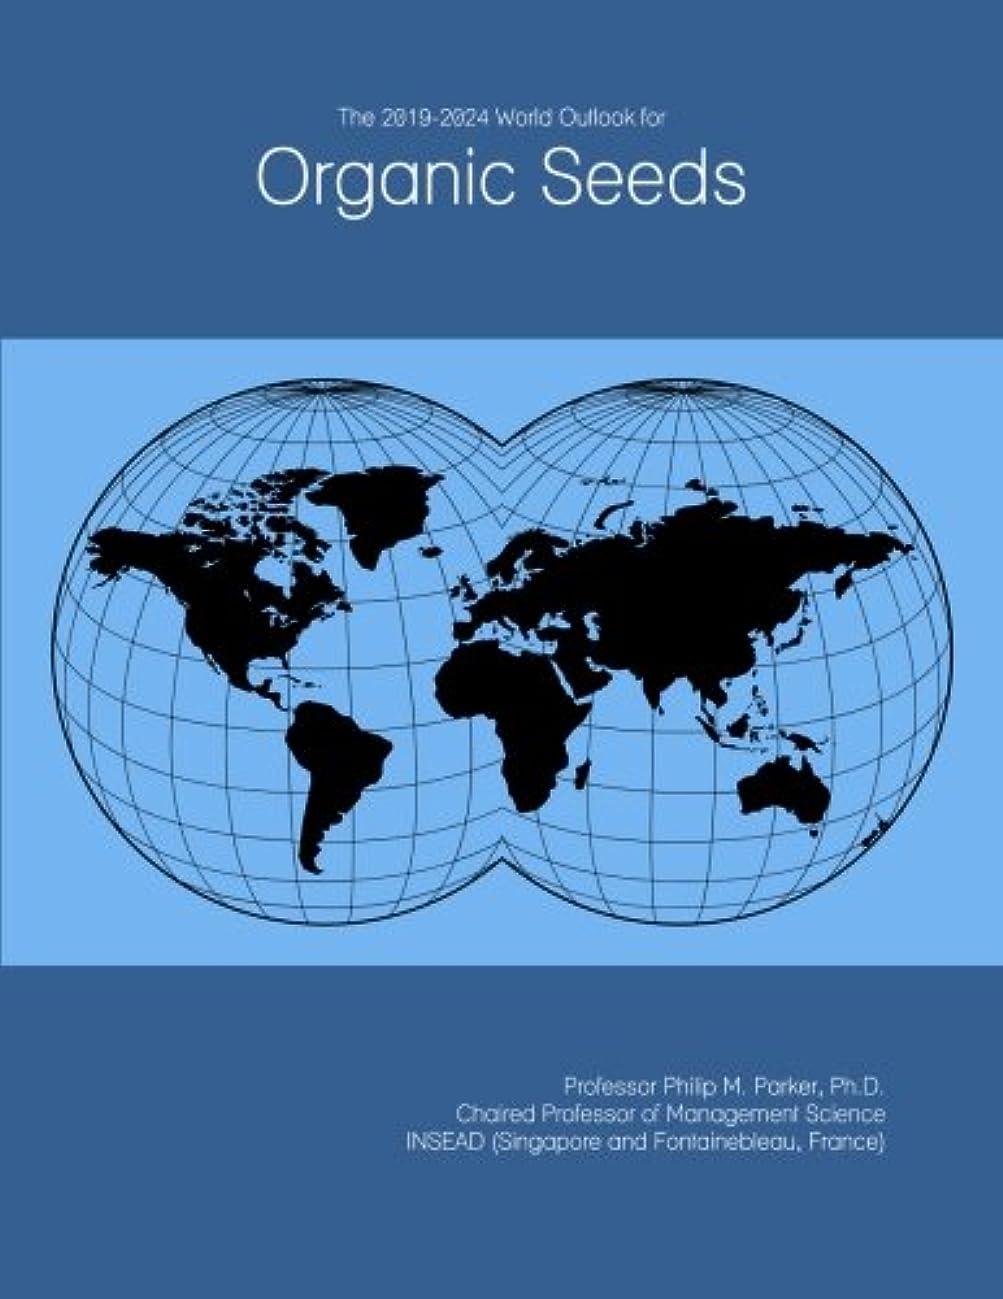 枯れるカイウスビジターThe 2019-2024 World Outlook for Organic Seeds